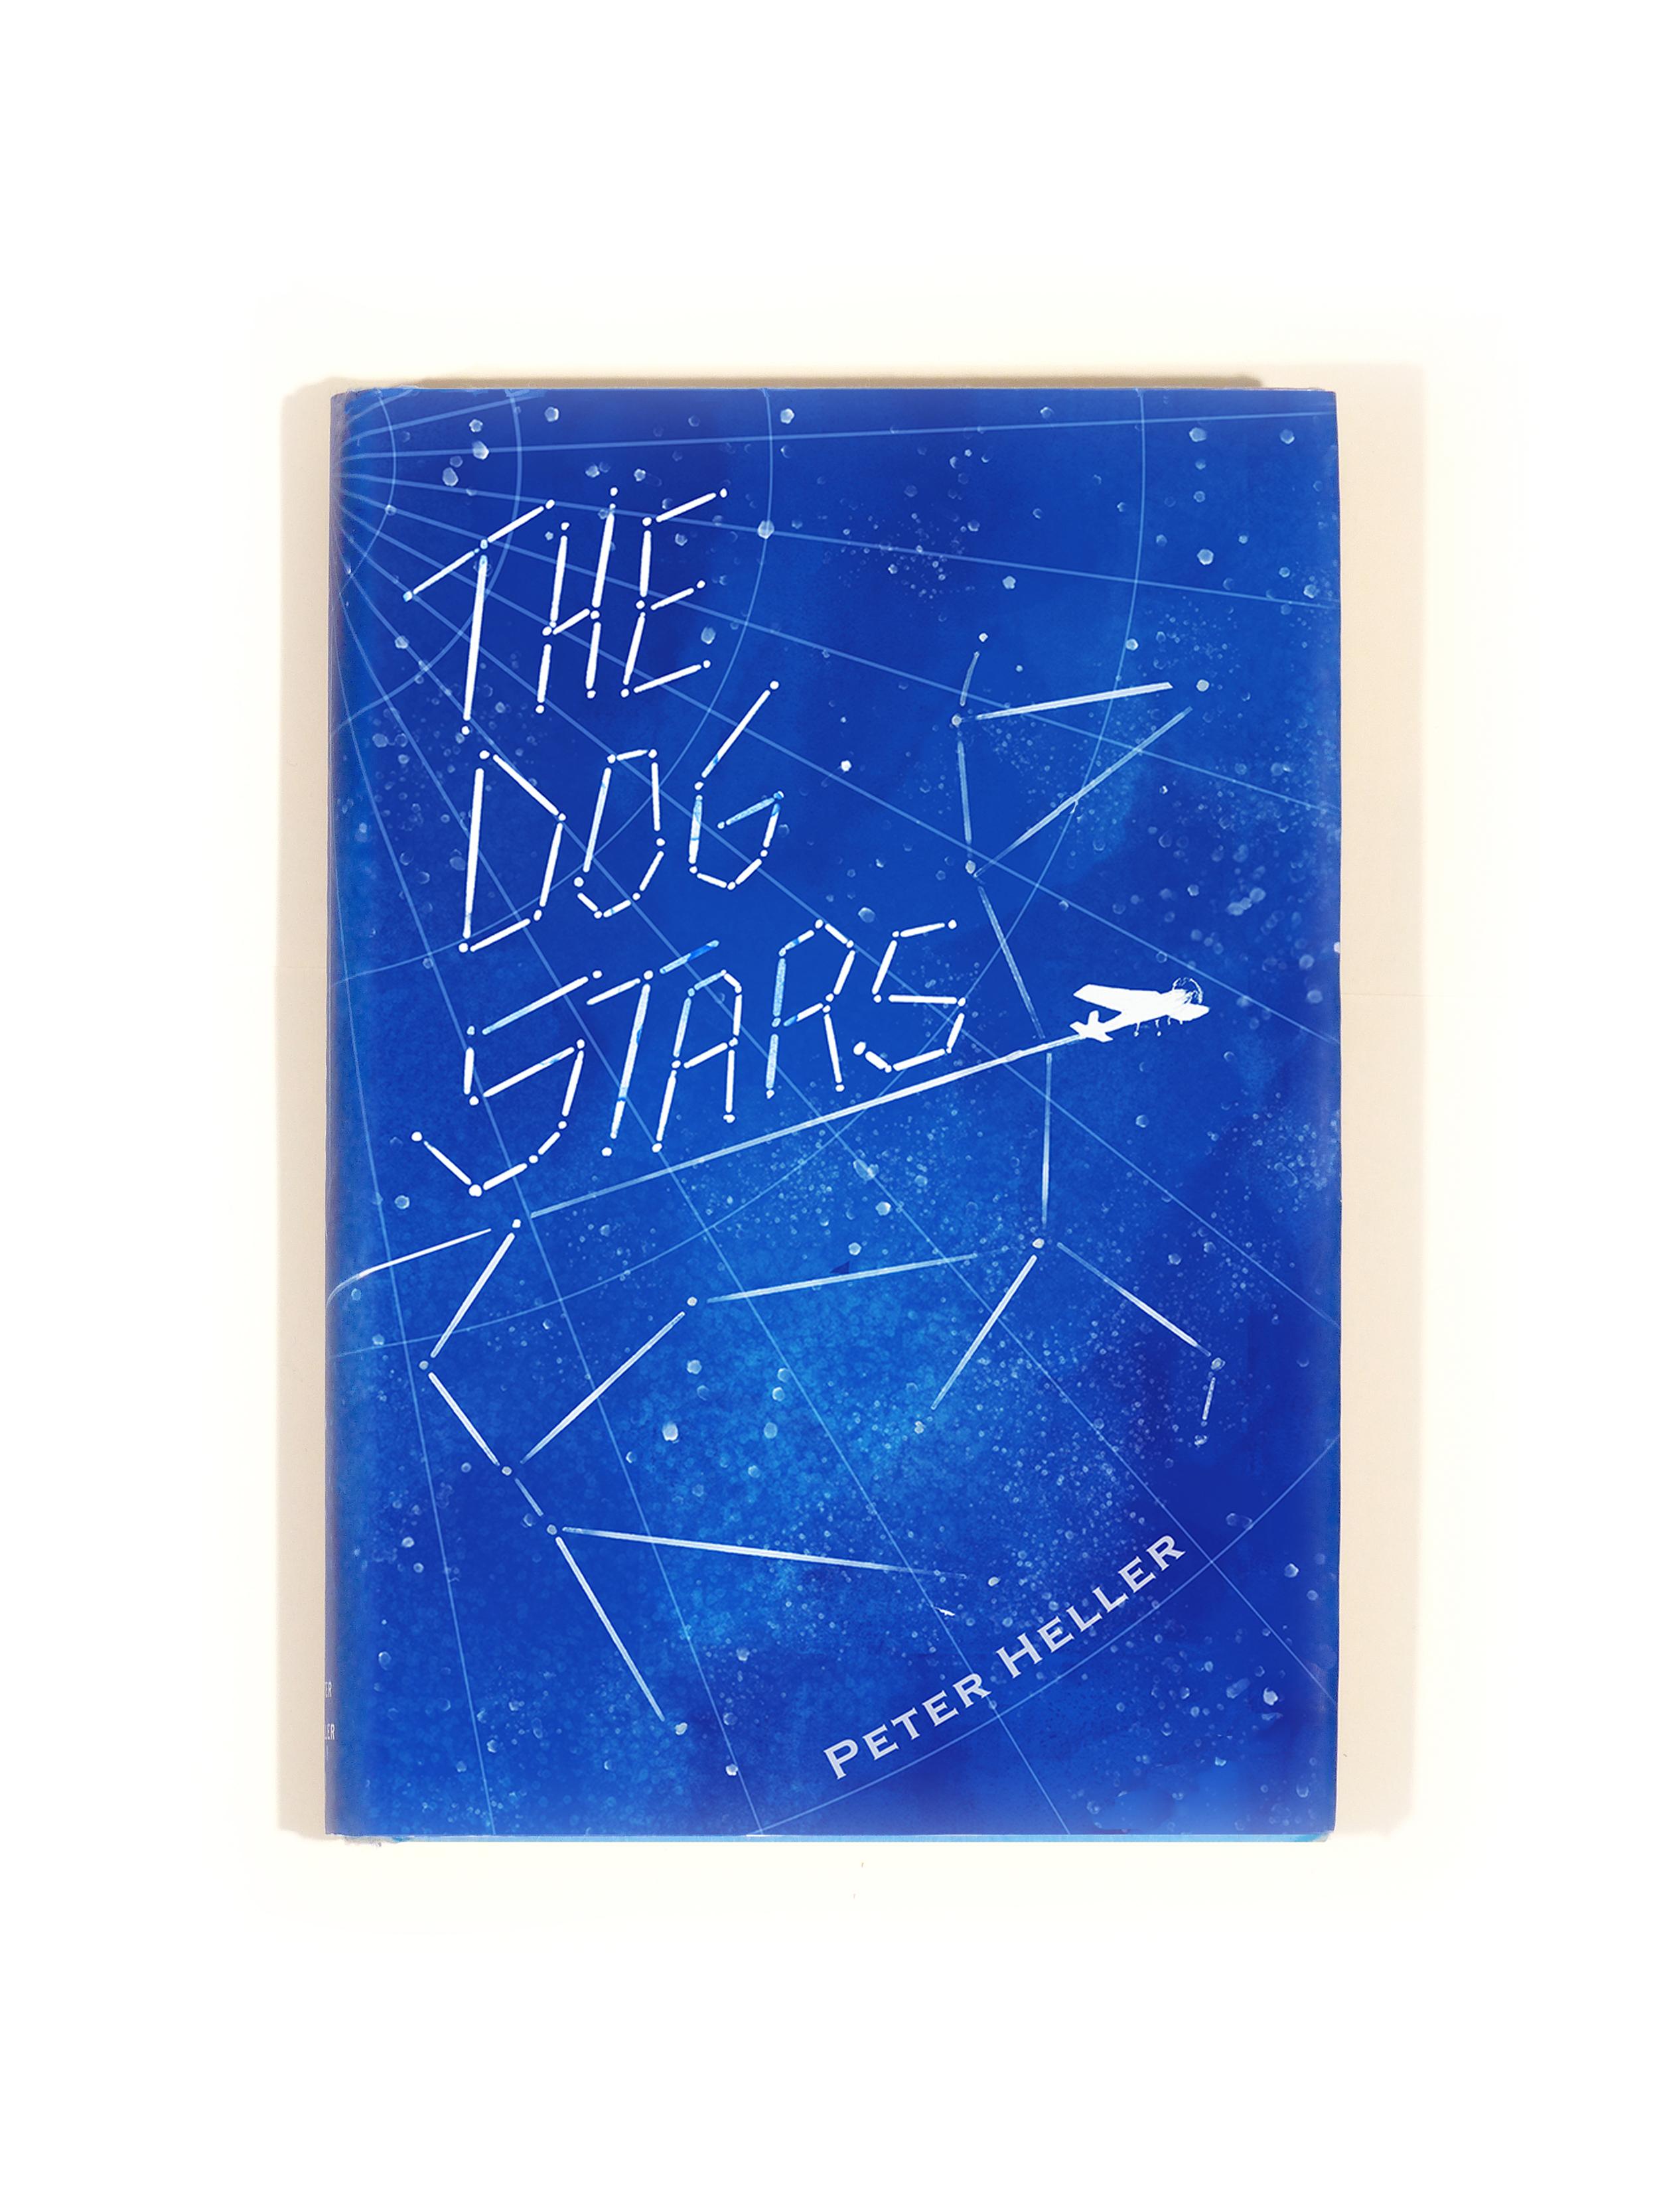 Dog Stars Photograph.jpg